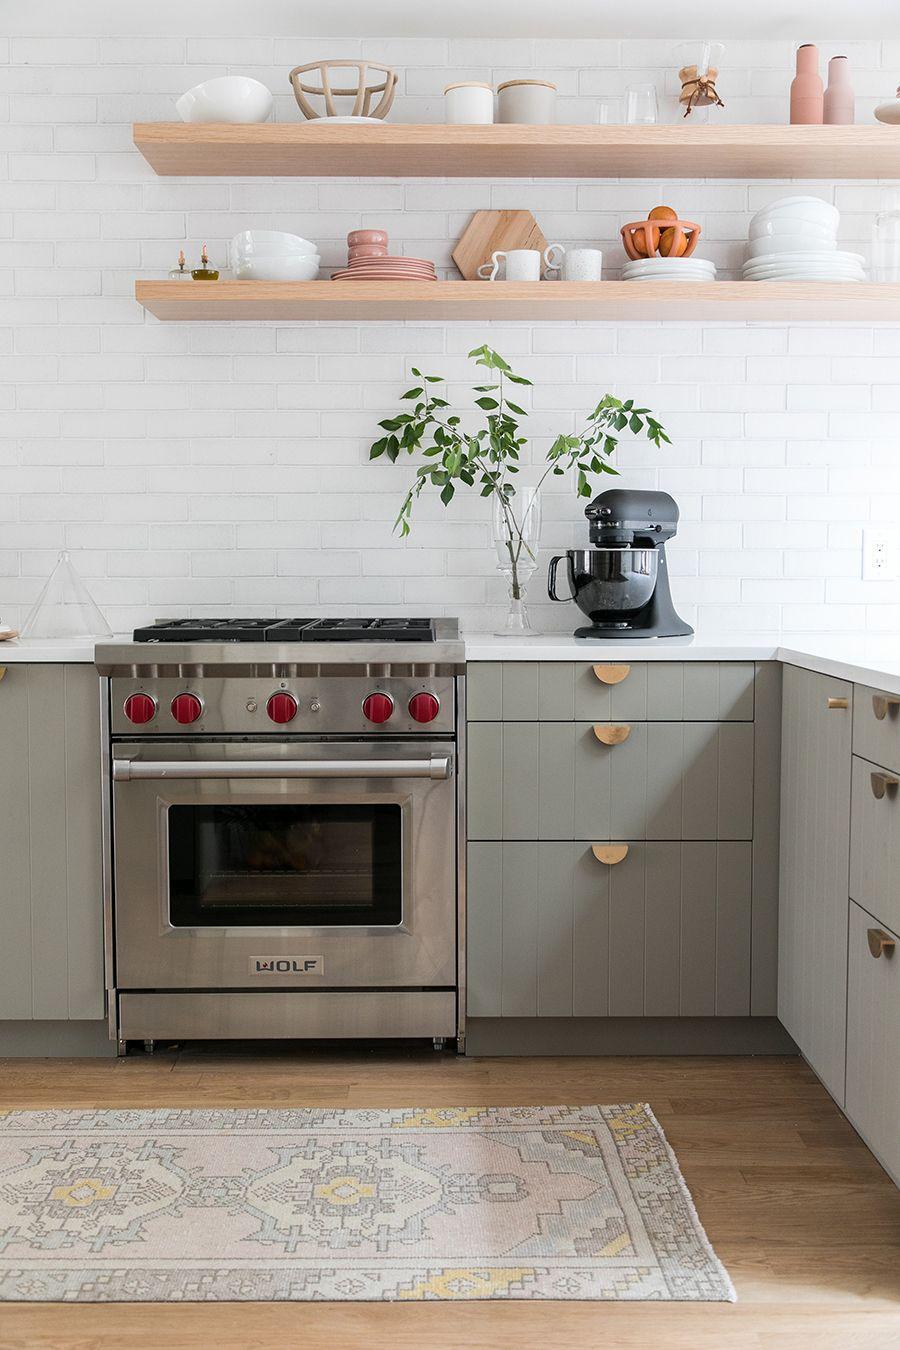 image & 10 Best Modern Kitchen Design Ideas 2019 - Modern Kitchen Decor ...